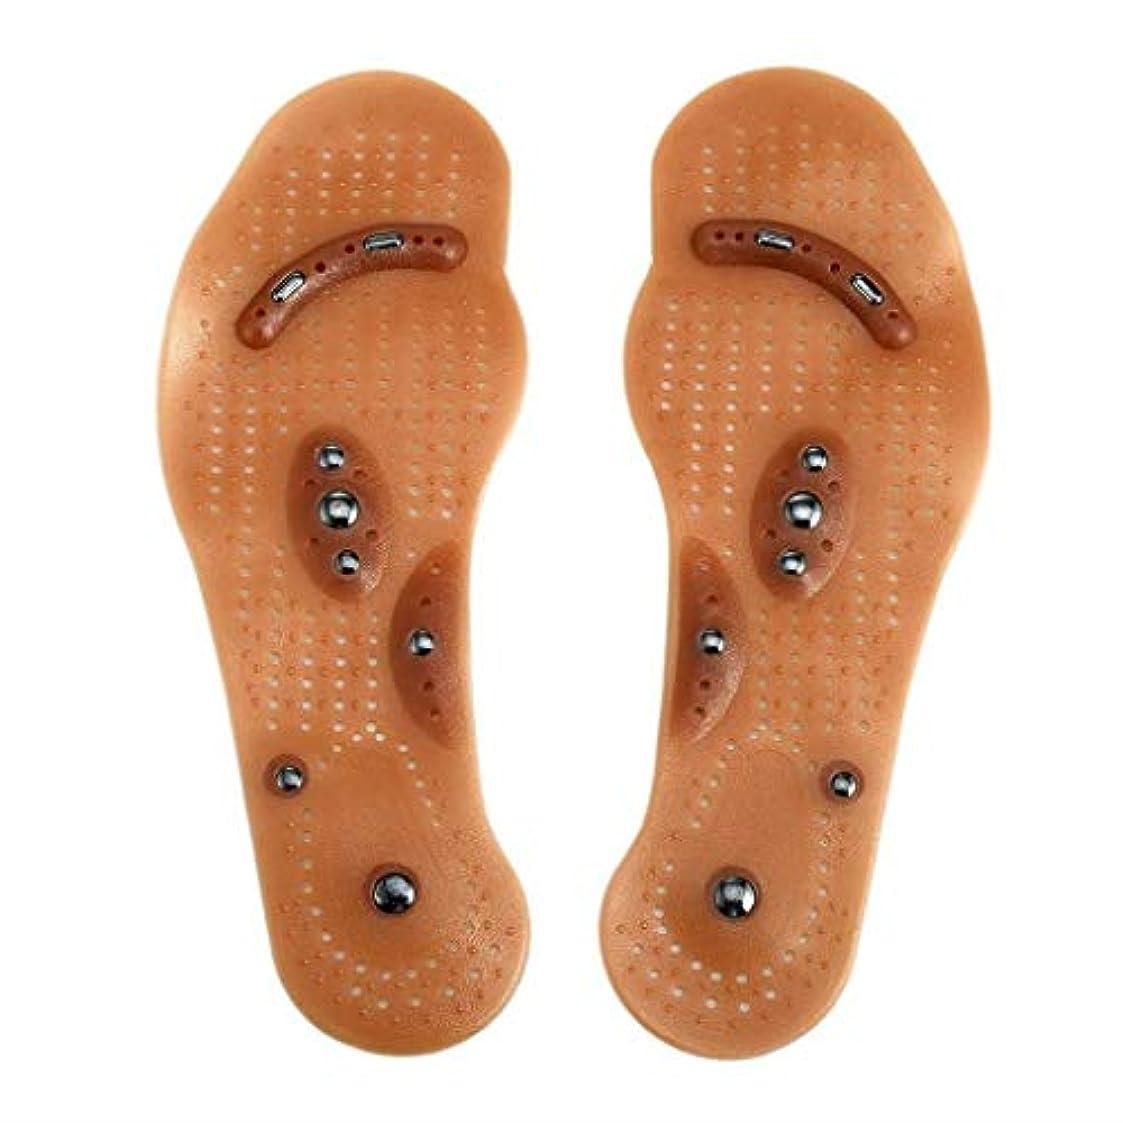 受信機フローティング権威磁気マッサージインソール、指圧靴マッサージ効果インソール健康足医療援助足リフレクソロジーは、血液循環疲労を促進します (Size : M)